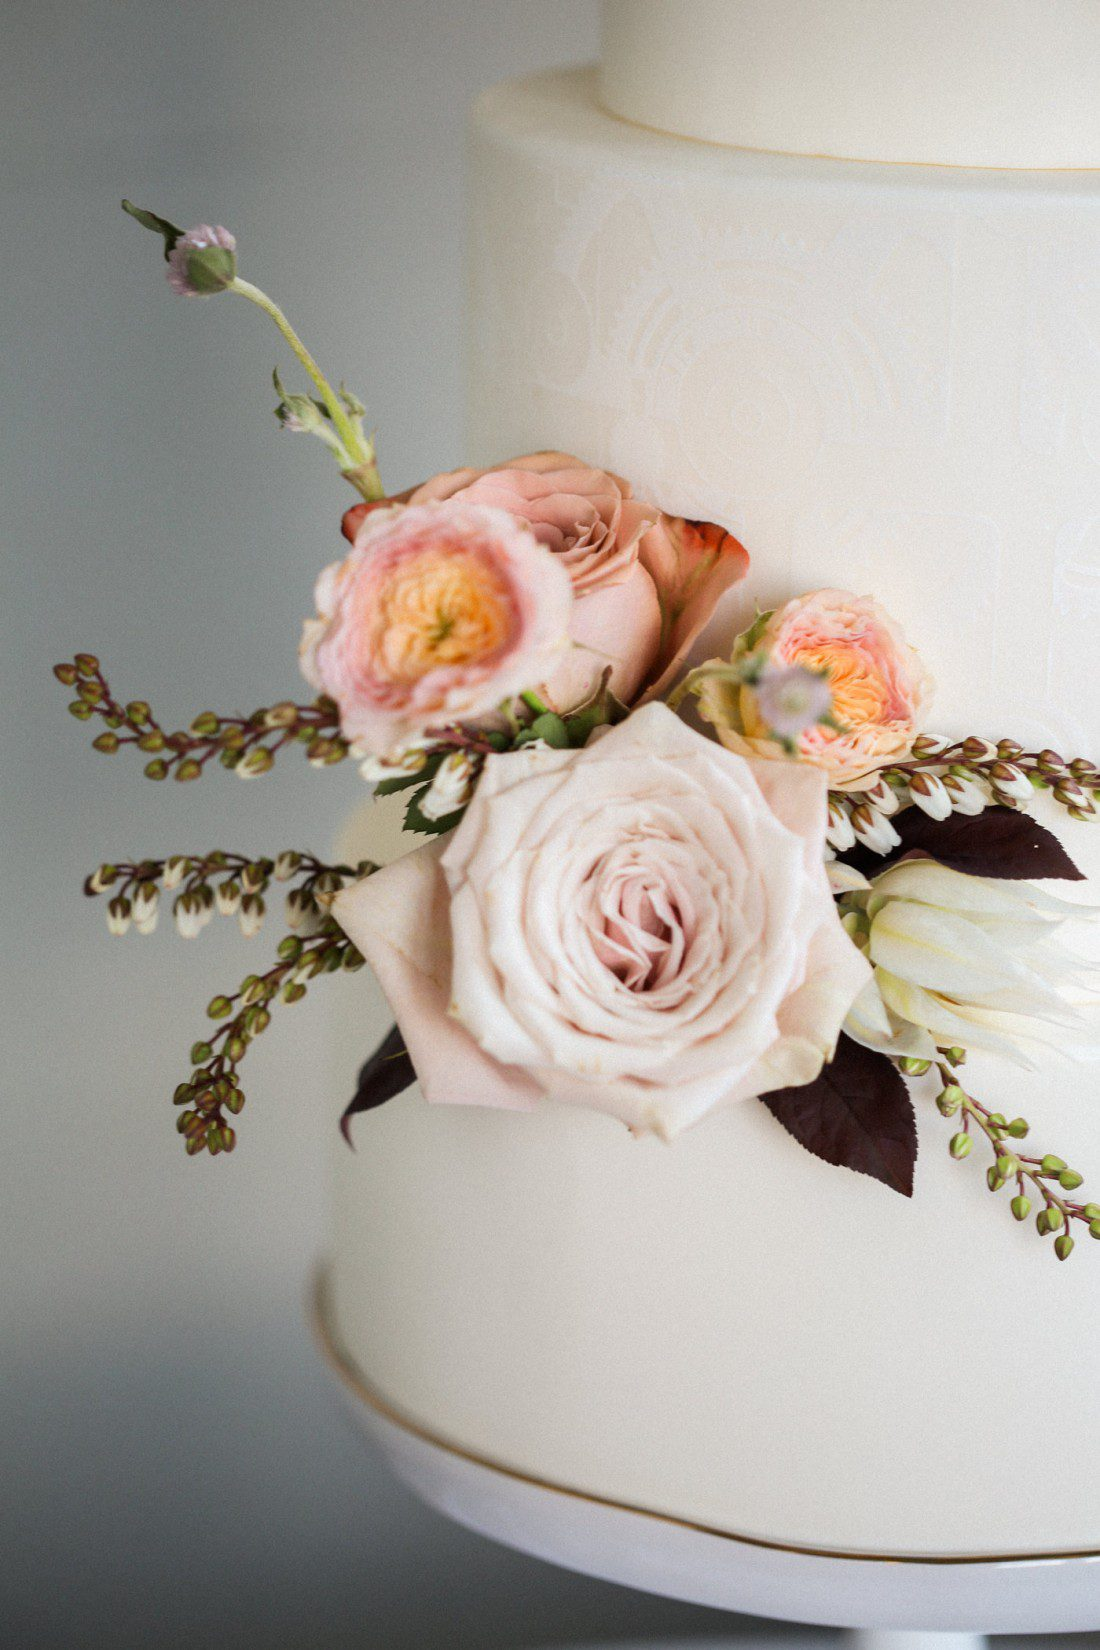 Kansas City Wedding Styled Shoot Winery Cake Flowers